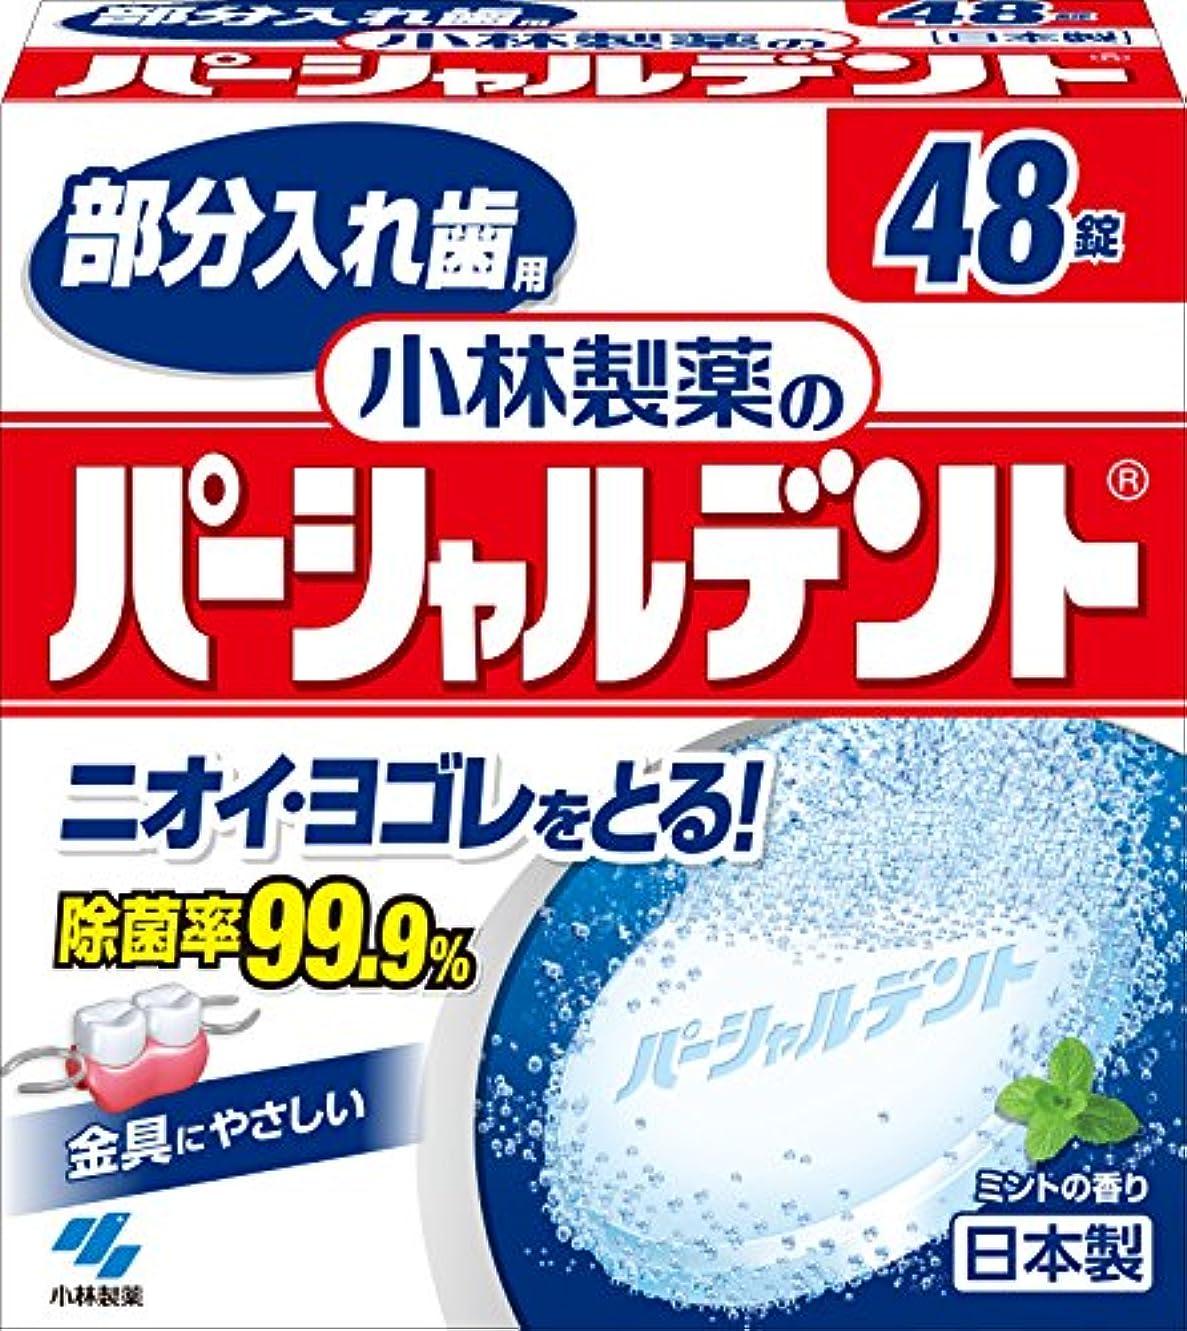 安定した色合いリーフレット小林製薬のパーシャルデント 部分入れ歯用 洗浄剤 ミントの香 48錠